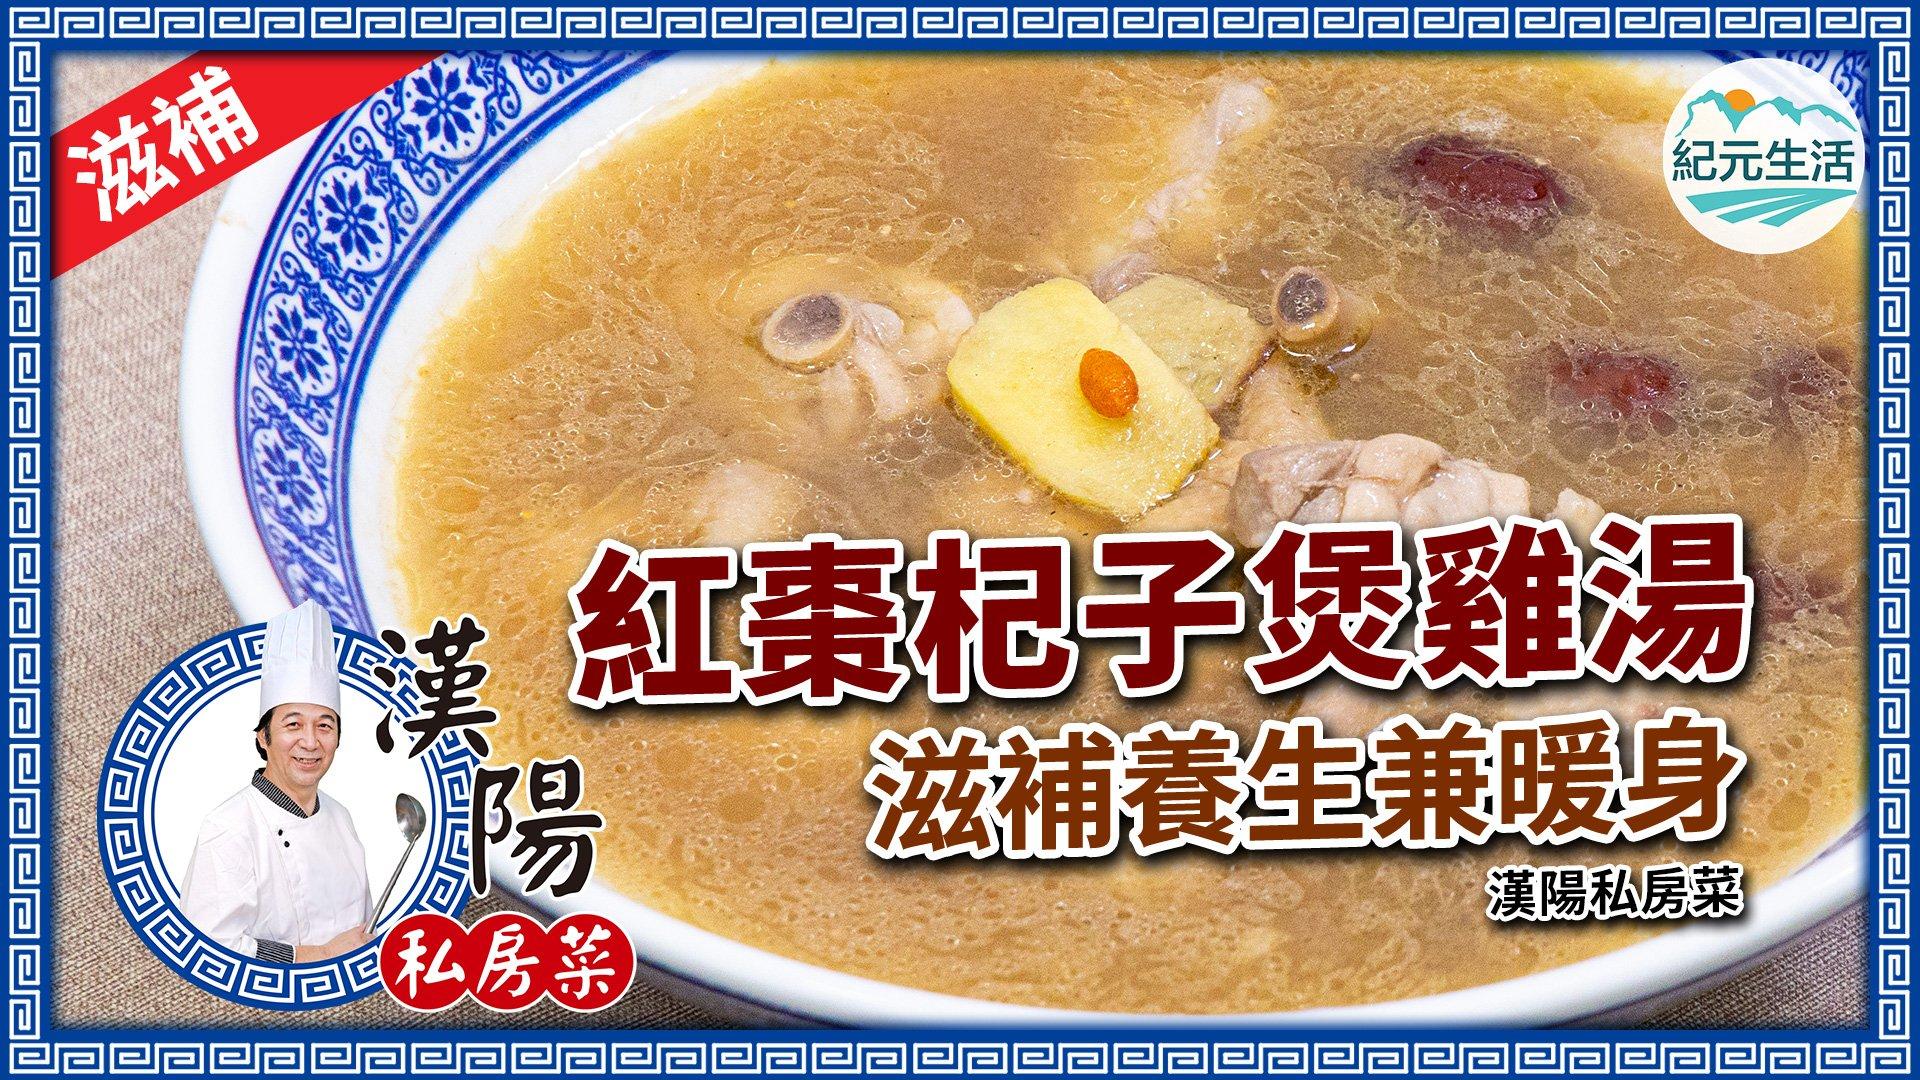 滋補養生湯「紅棗杞子煲雞湯」適合秋冬季飲用,可滋潤補血,有益肝腎!(設計圖片)